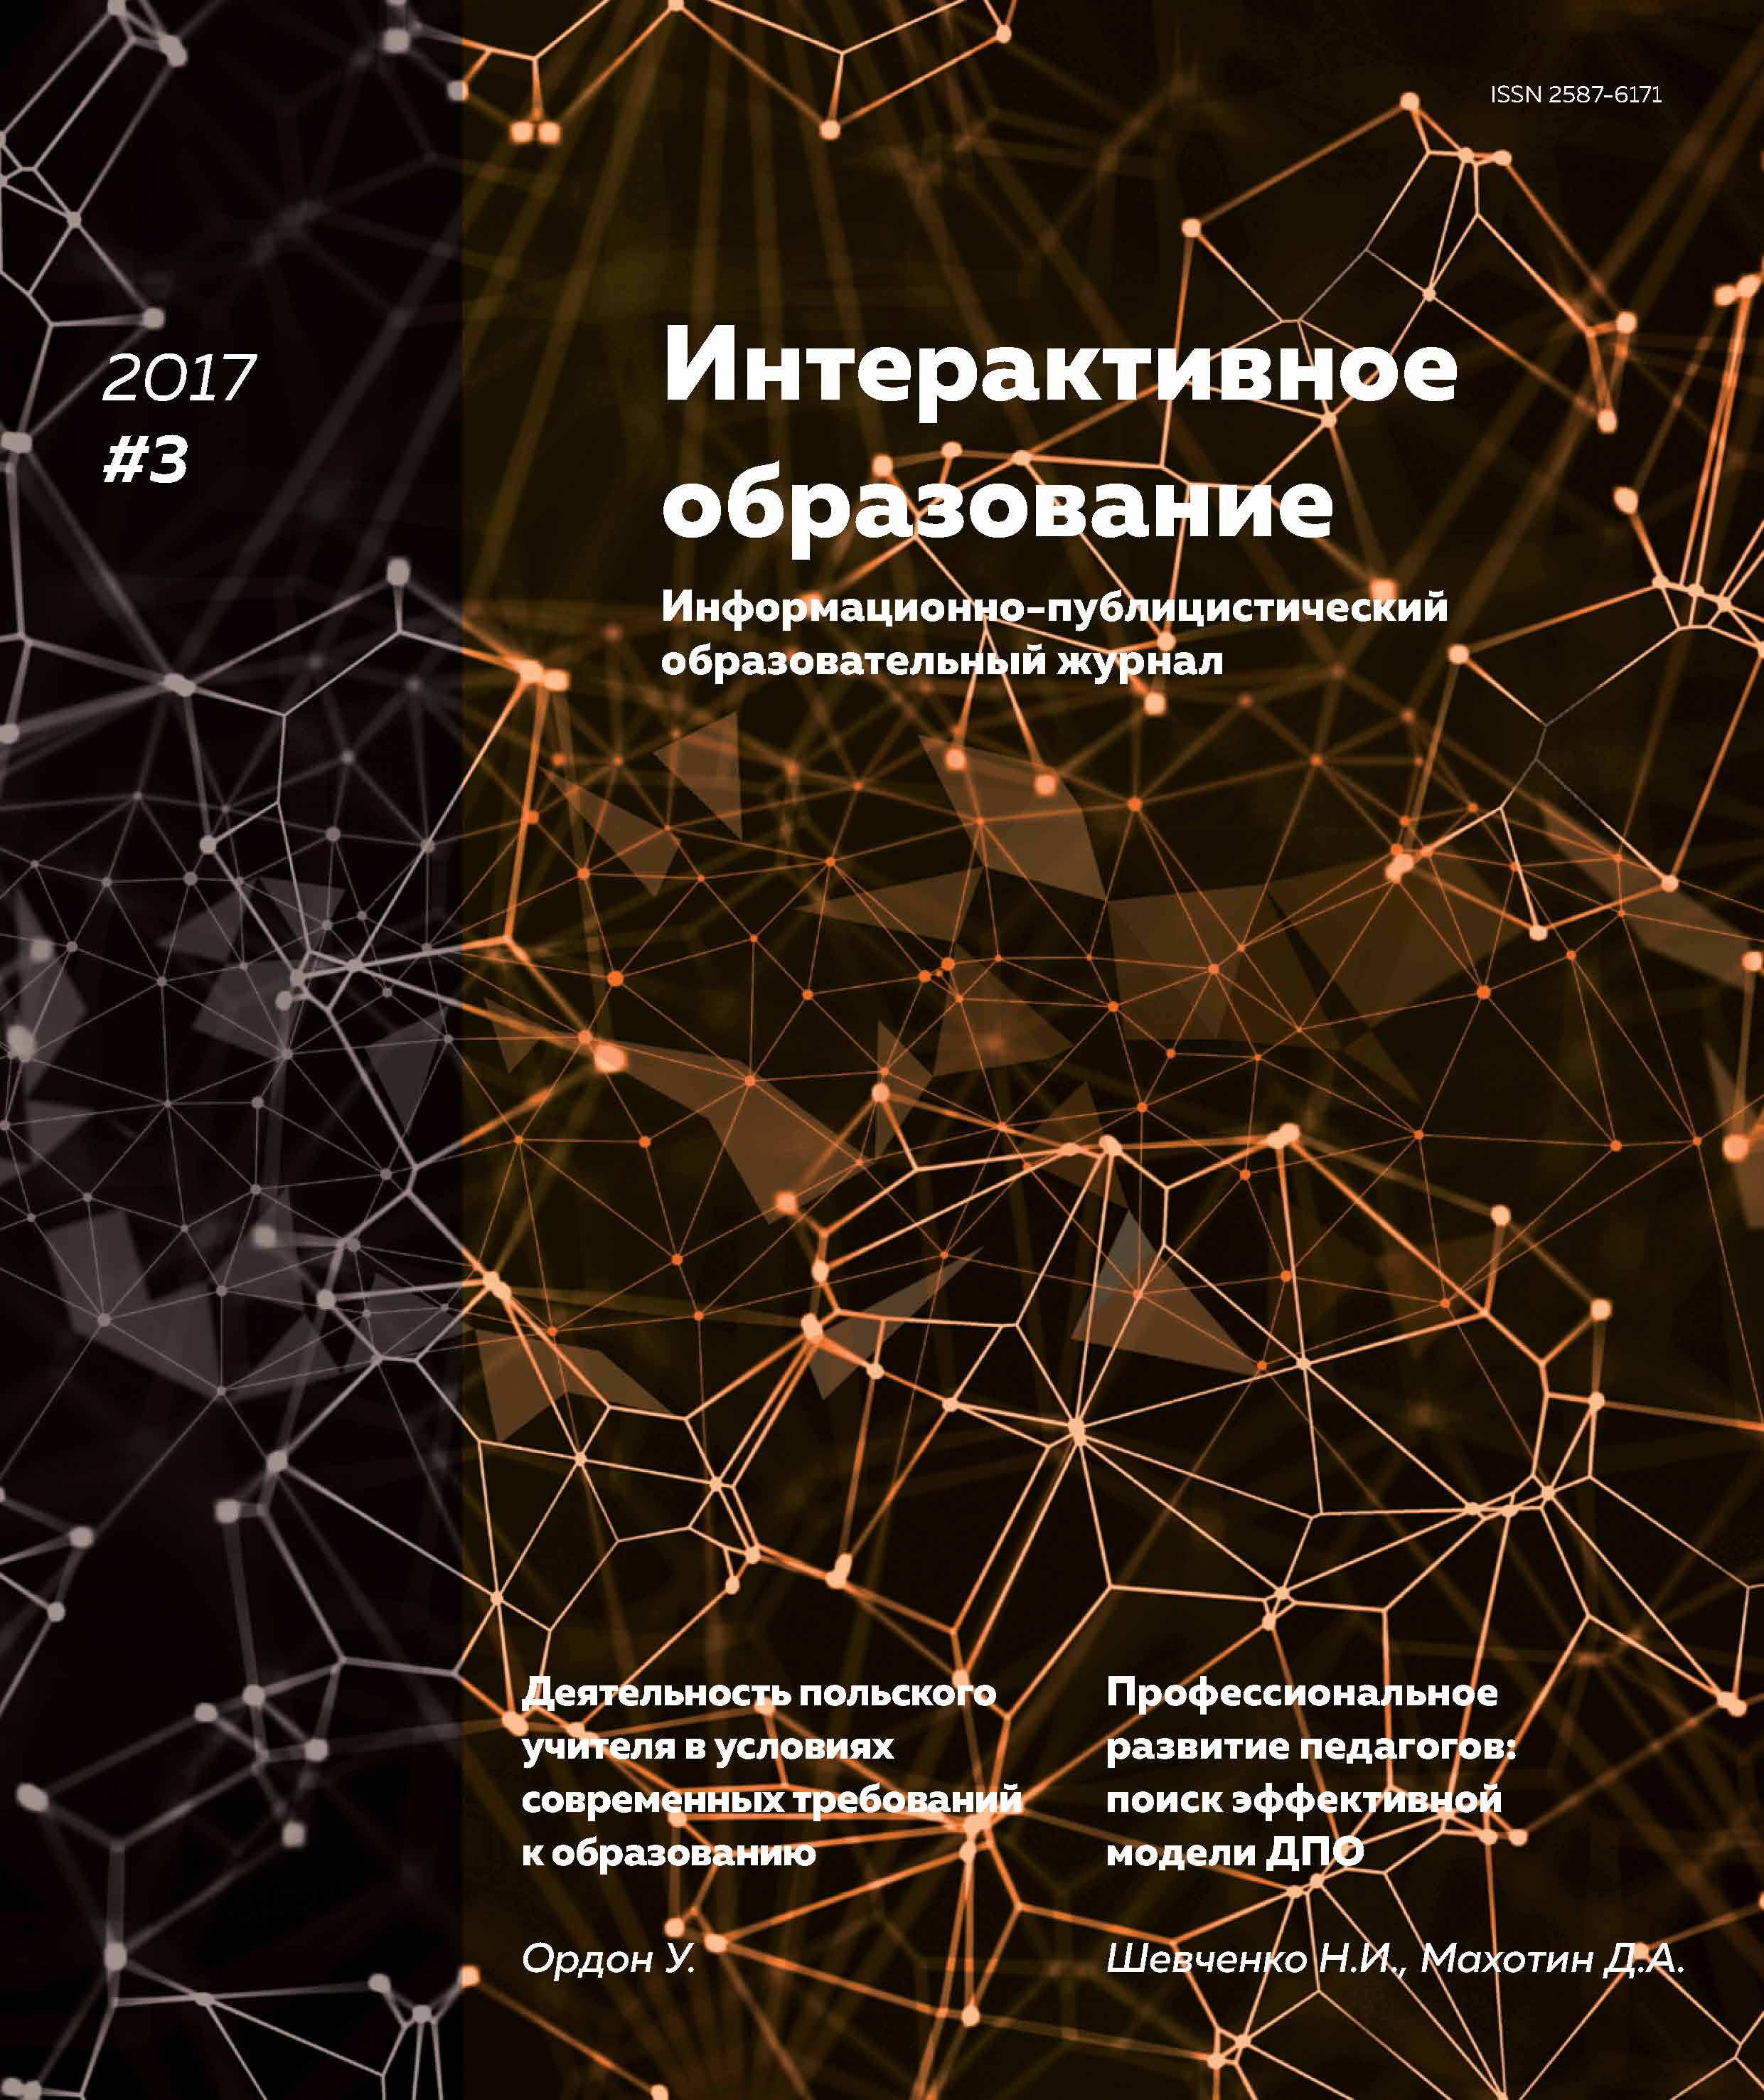 Интерактивное образование № 3 2017 г.